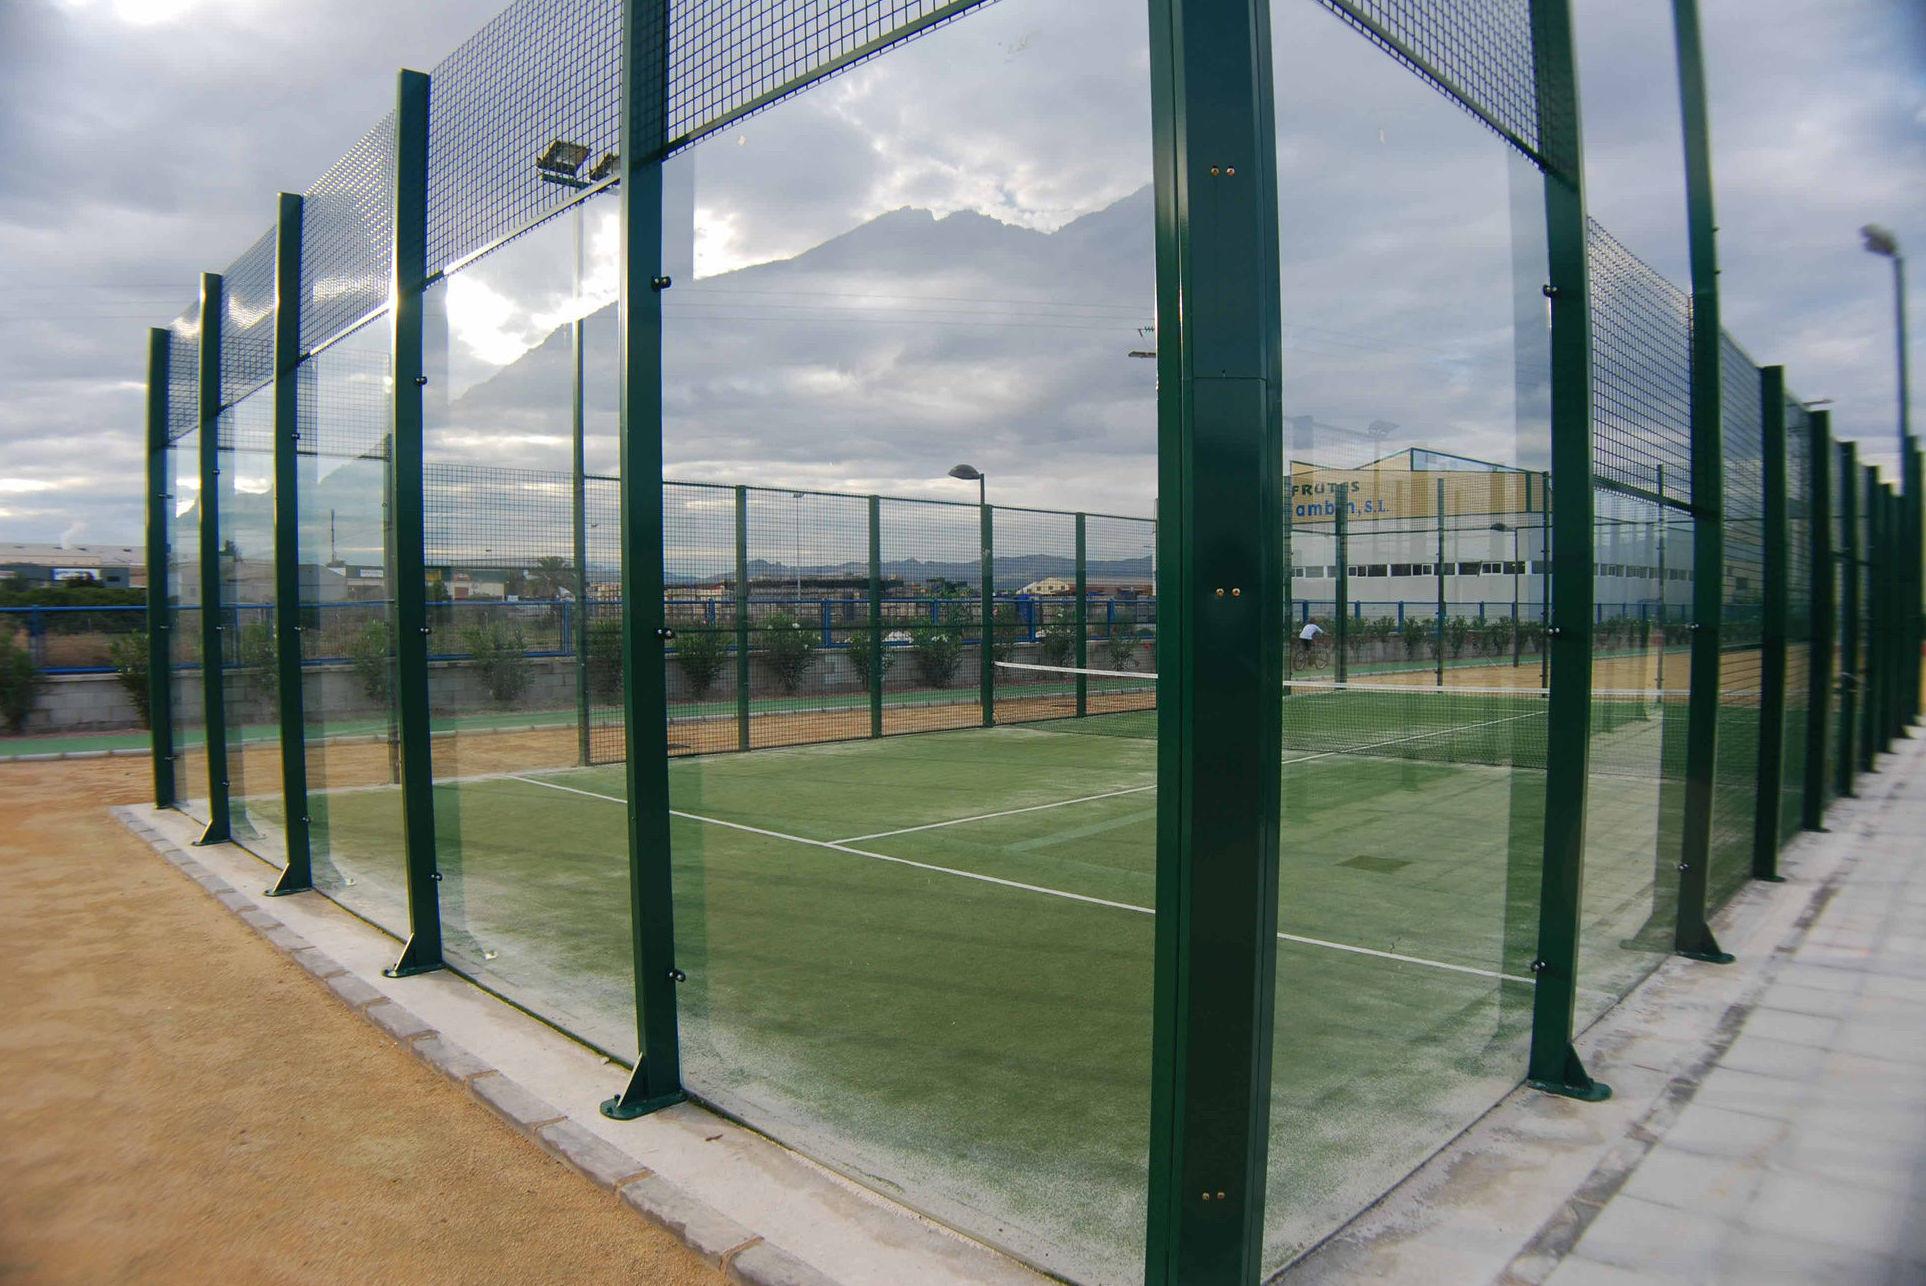 Limpieza y mantenimiento de instalaciones deportivas en Sevilla